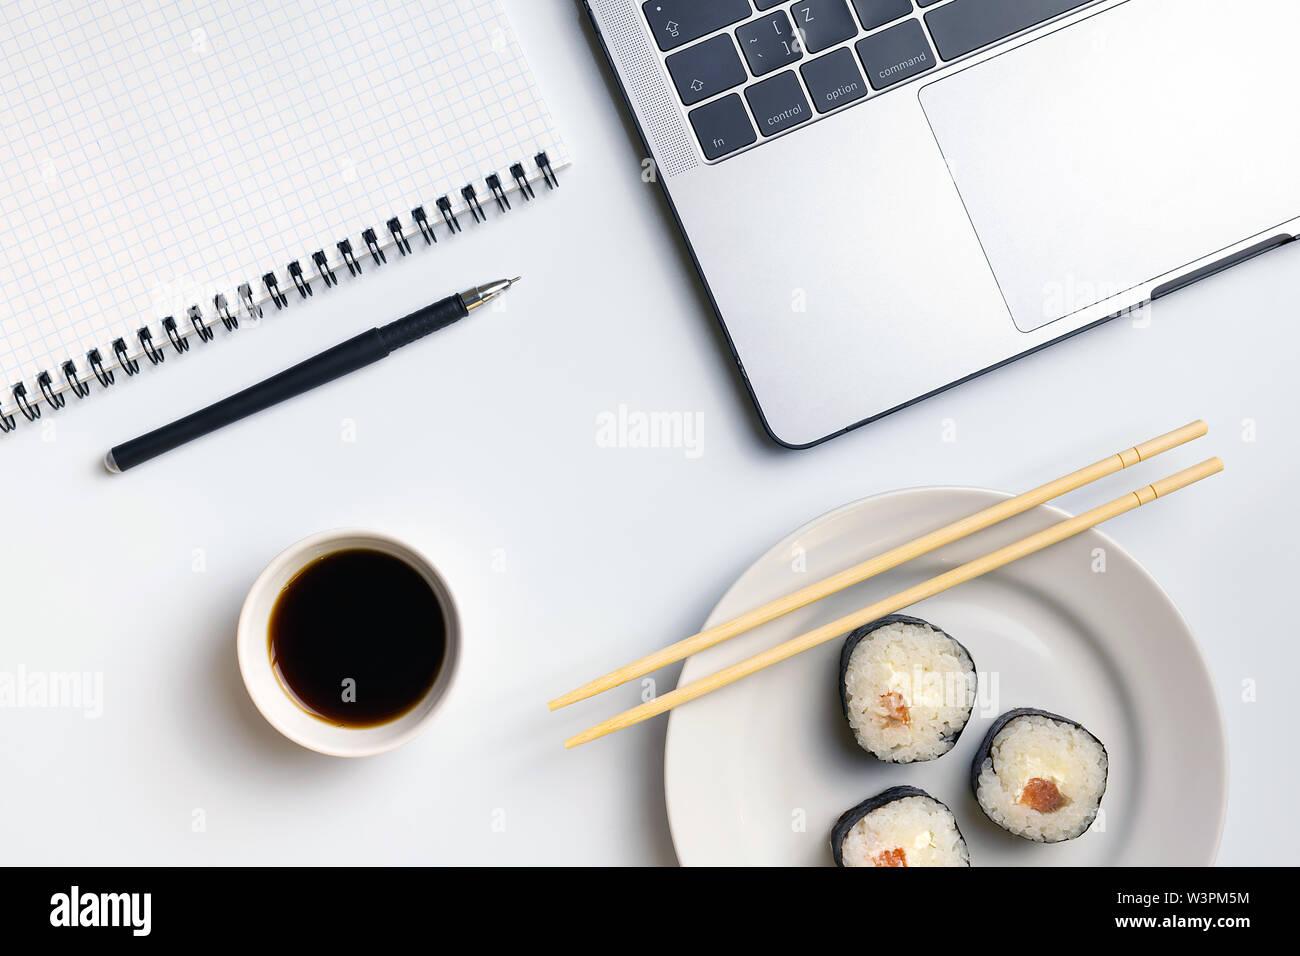 Japanese Sushi Food Stock Photos & Japanese Sushi Food Stock Images